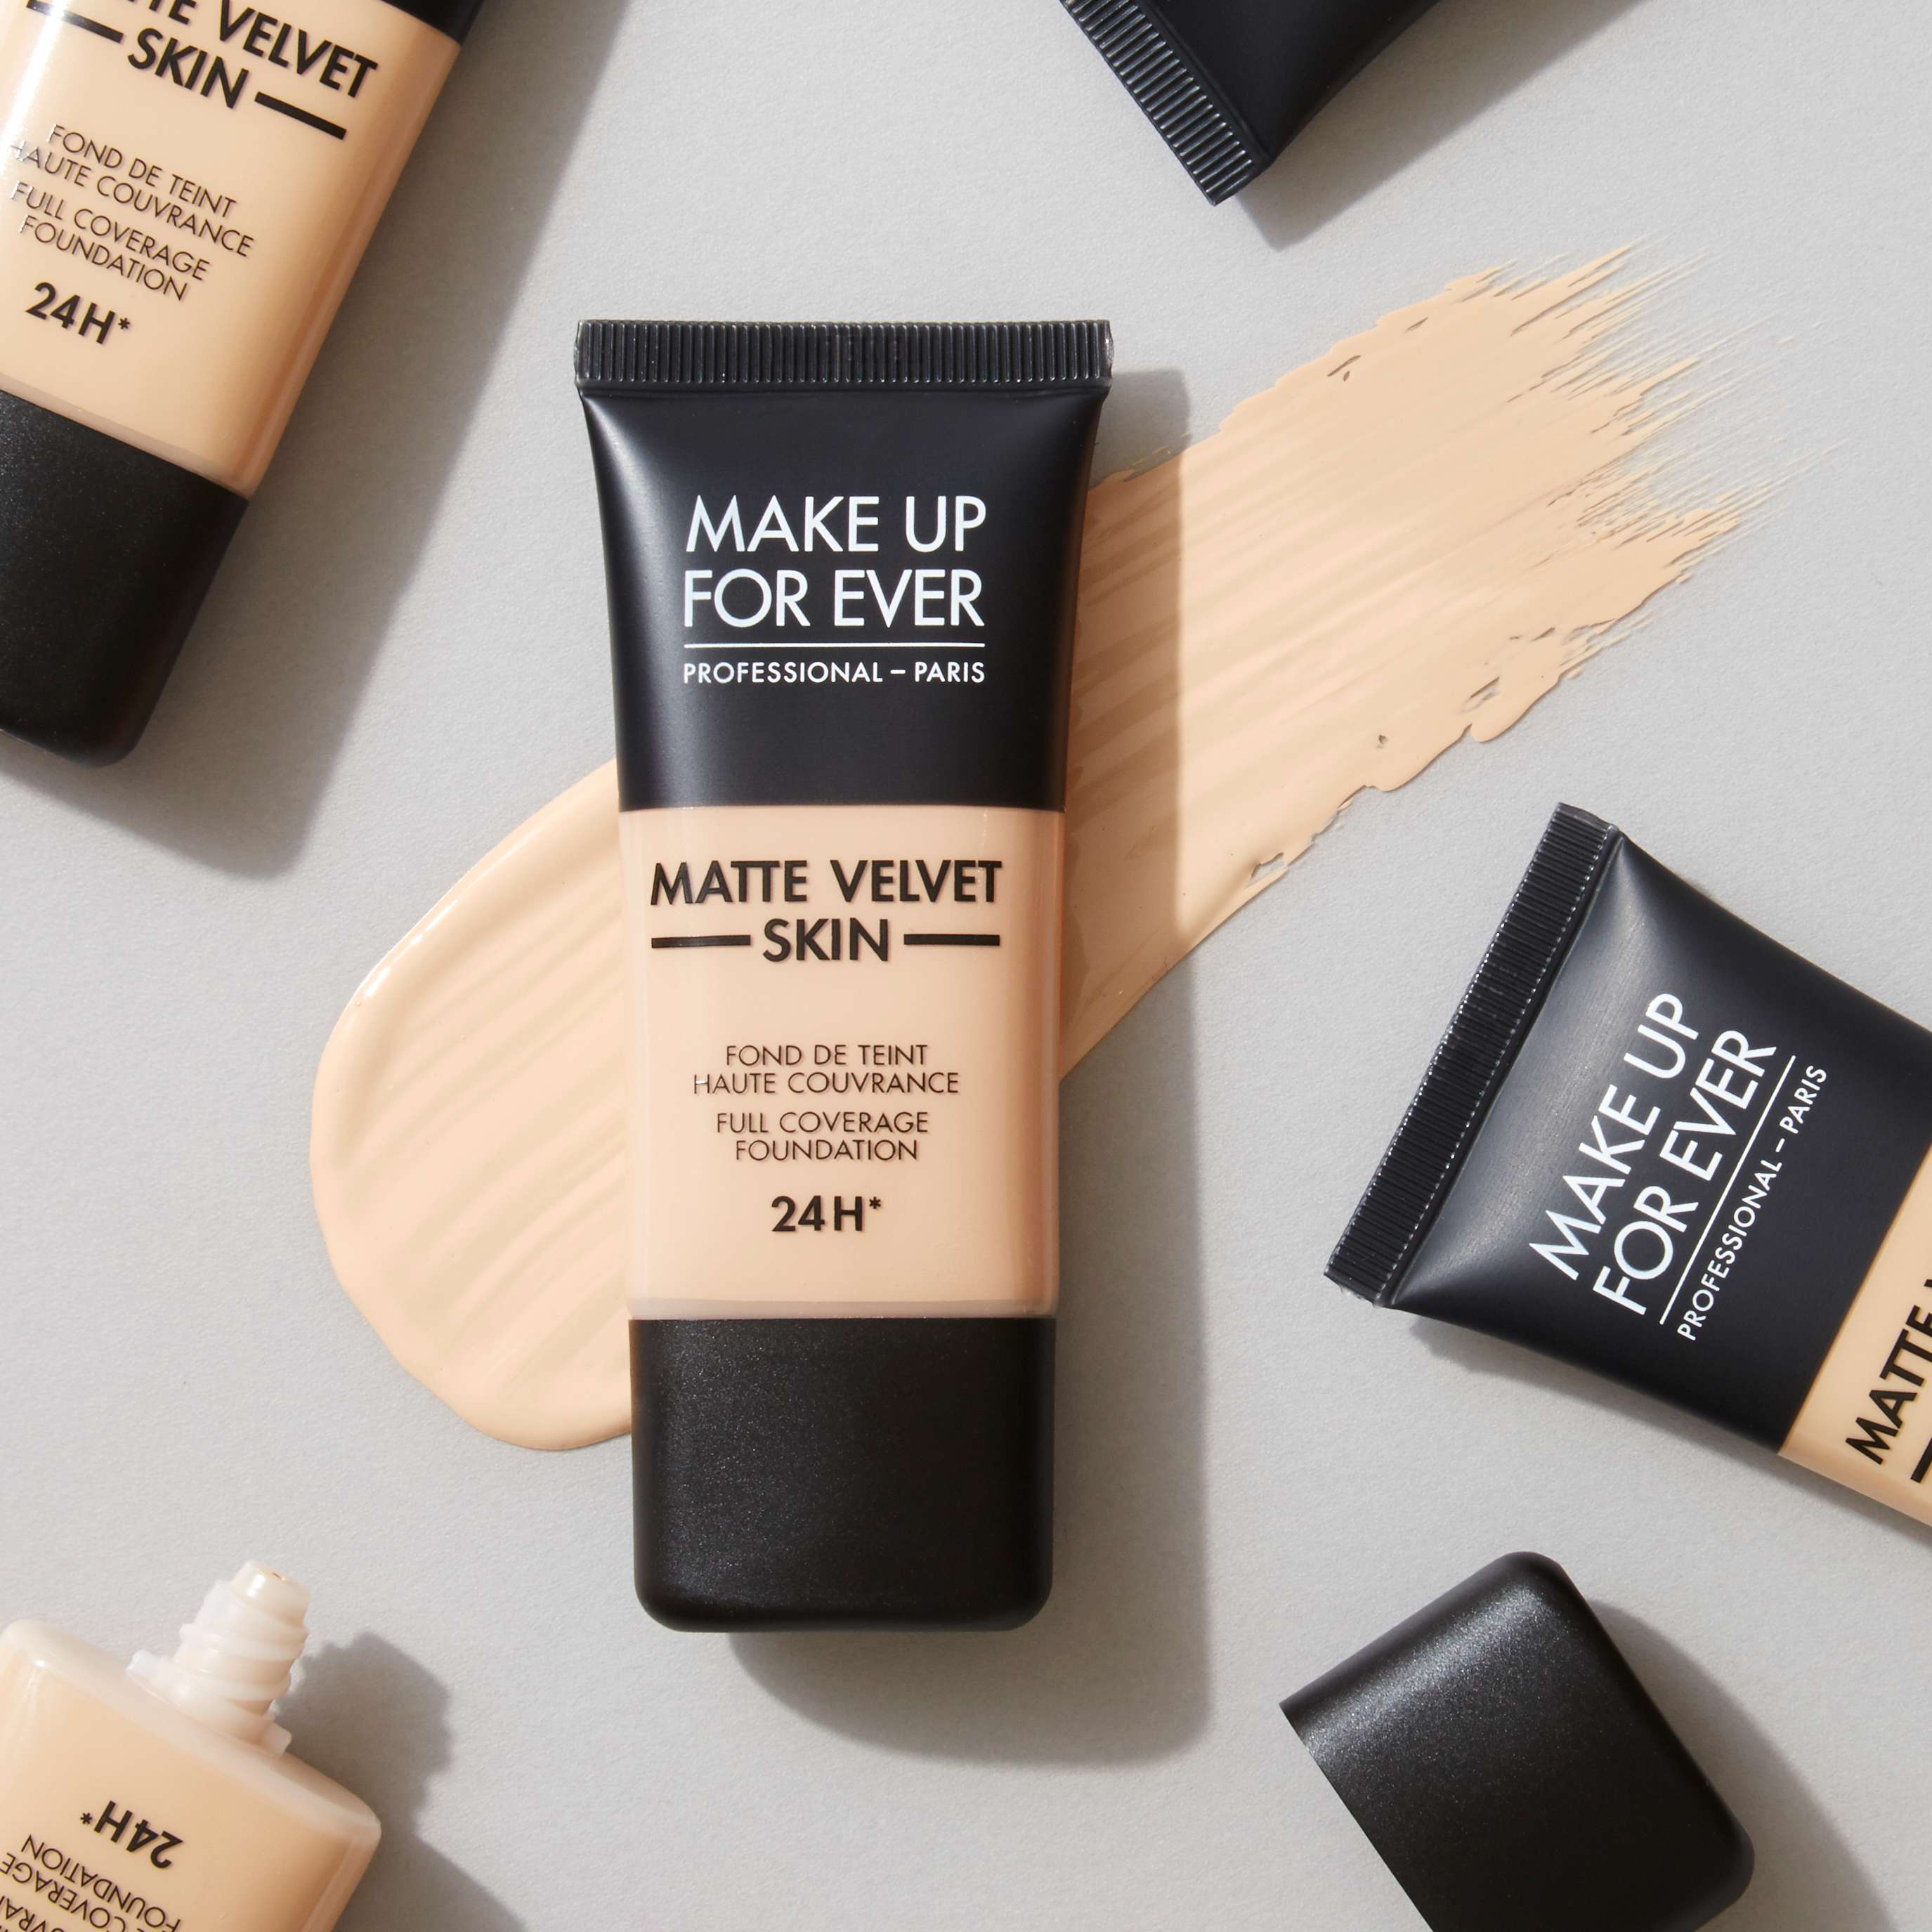 Matte Velvet Skin Foundation 3